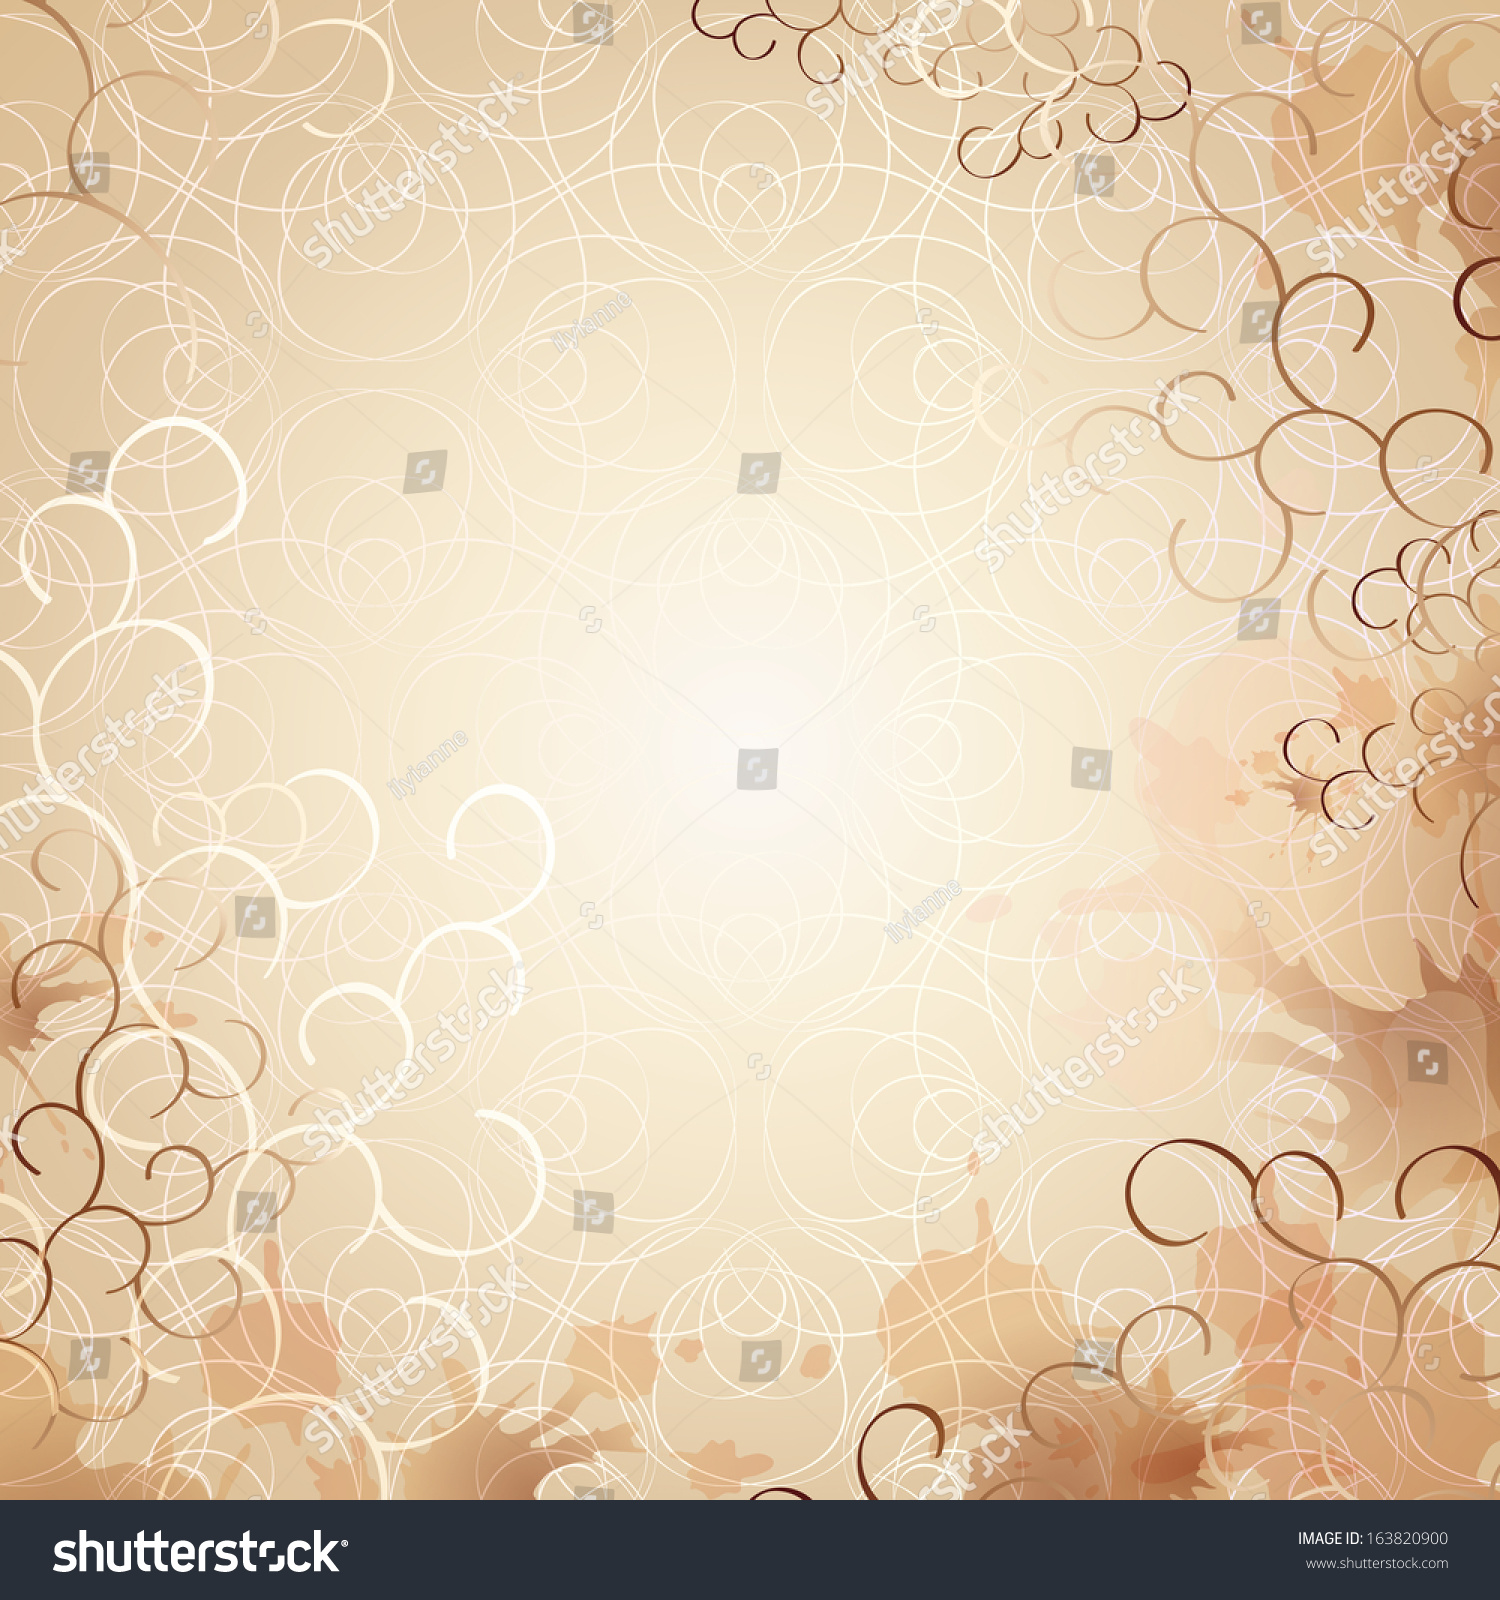 Soft Romantic Letter Invitation Background Decorative 1500x1600